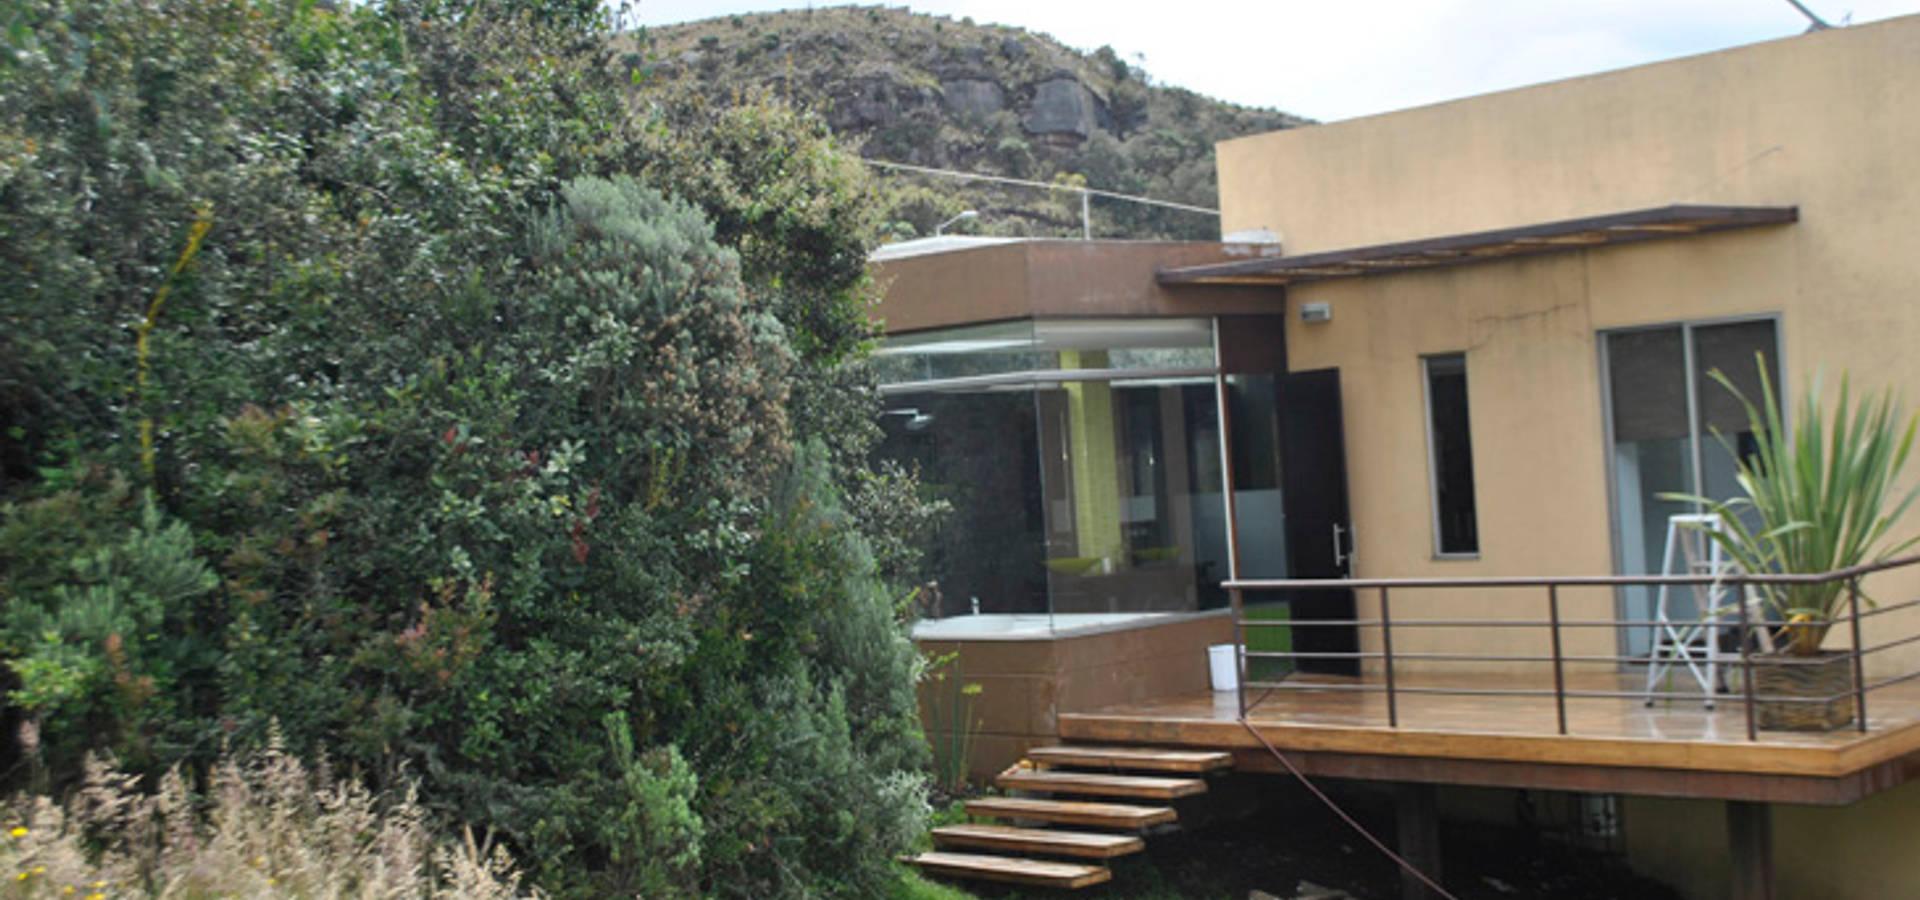 Arquitectura mgc architetti a bogota homify for La migliore casa progetta lo stile indiano